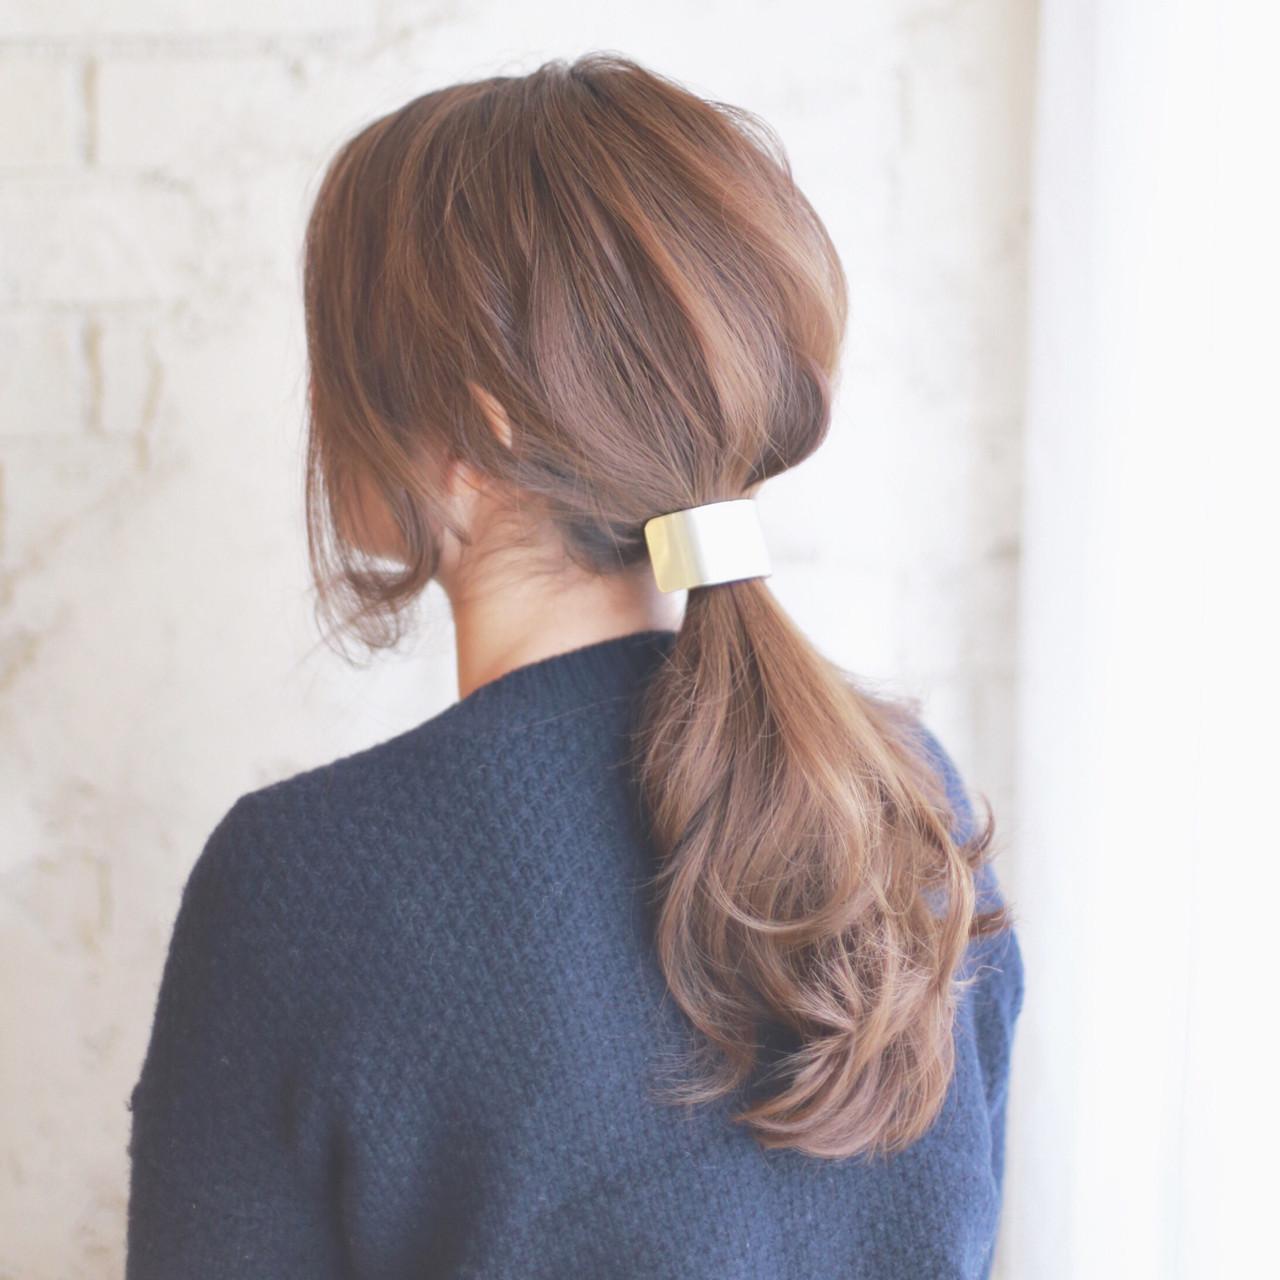 「ロングストレート」で女度高まる髪型を「タイプ別」に紹介します♡の19枚目の画像